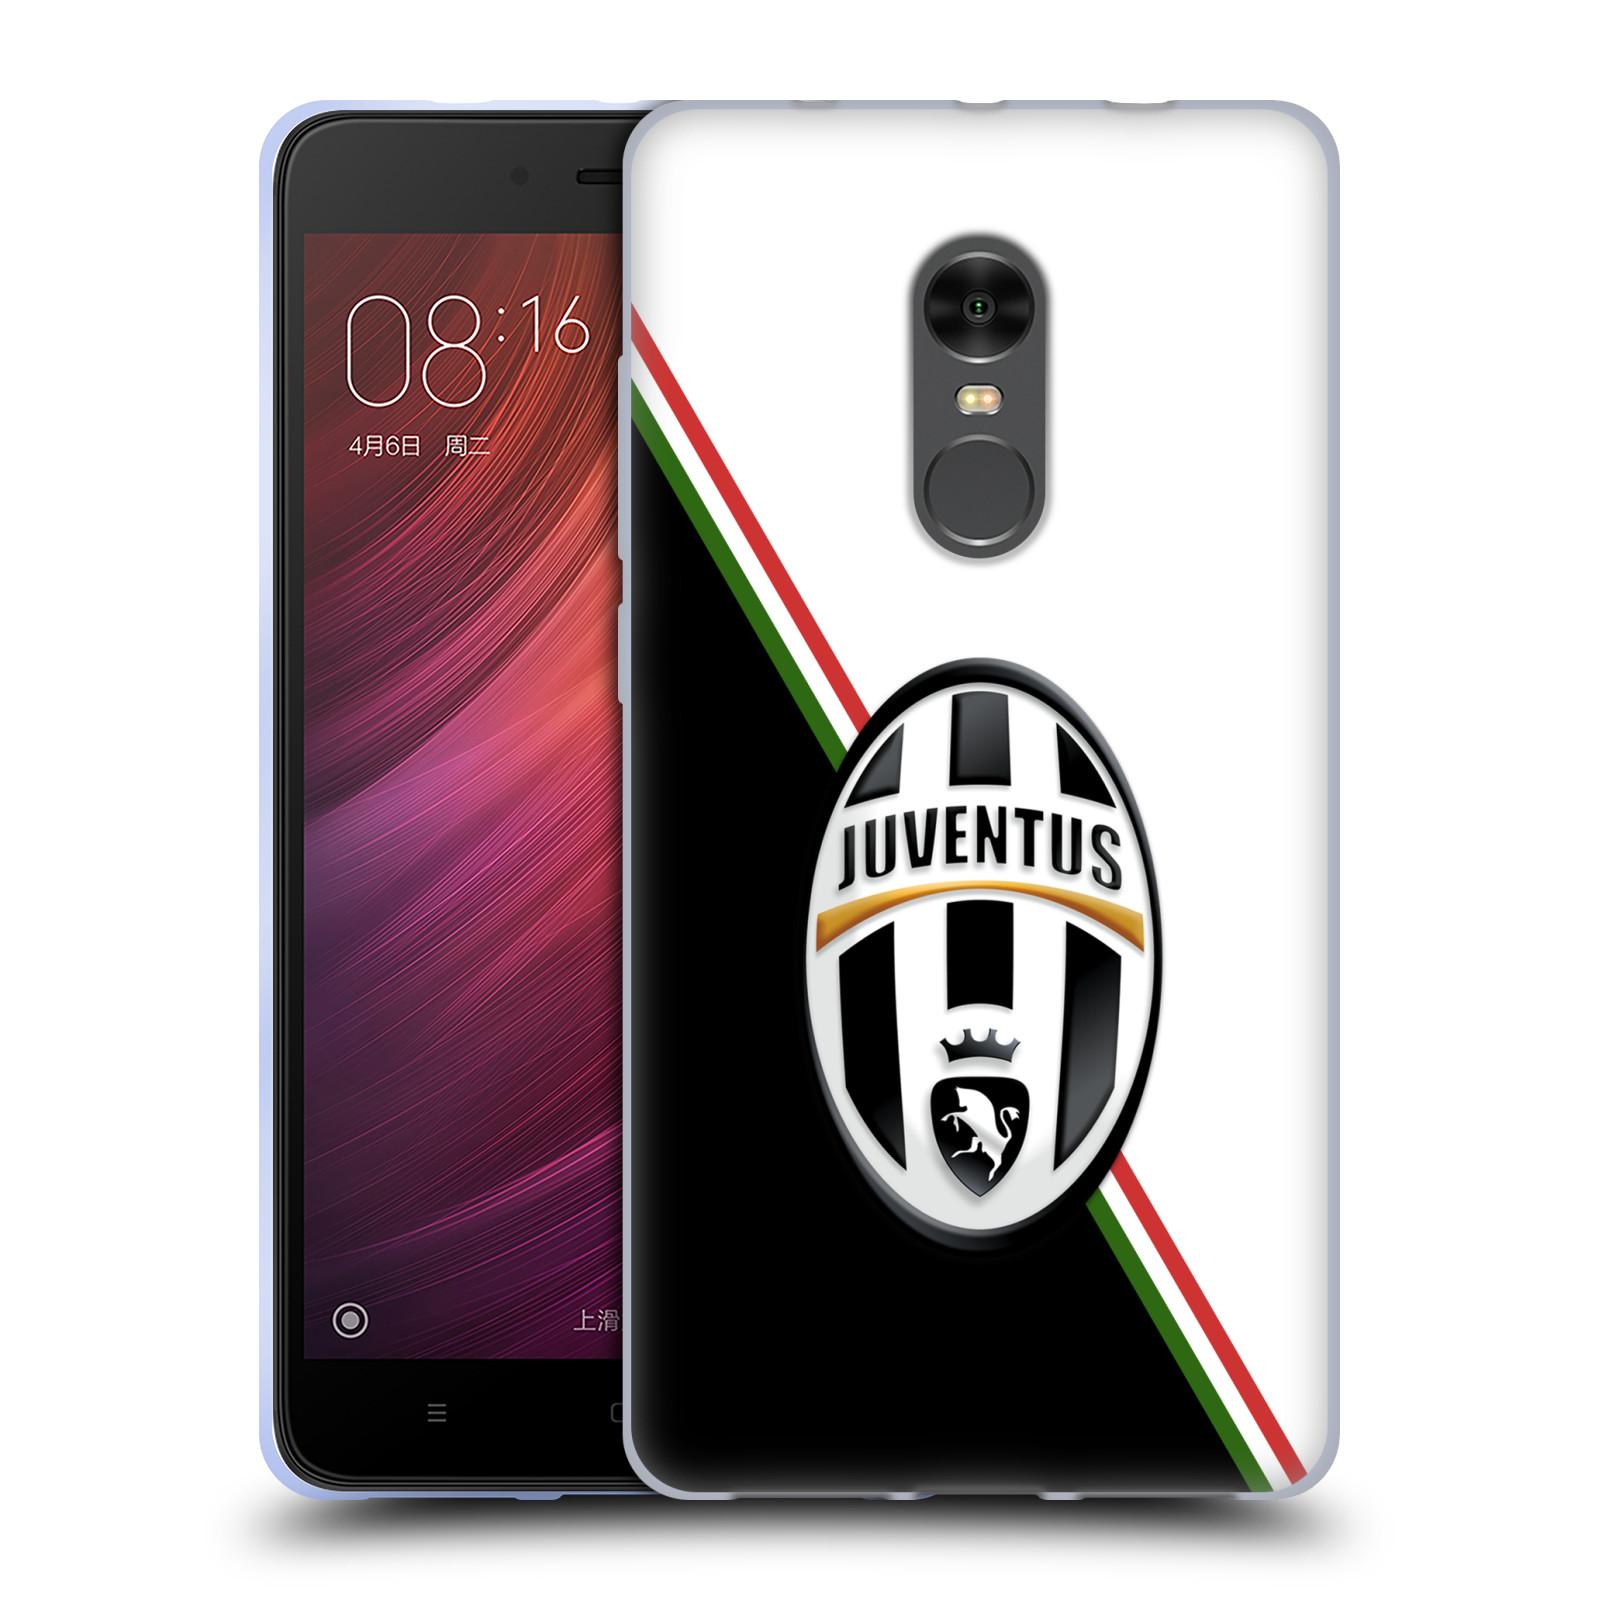 Silikonové pouzdro na mobil Xiaomi Redmi Note 4 - Head Case - Juventus FC - Black and White - poškozená krabička